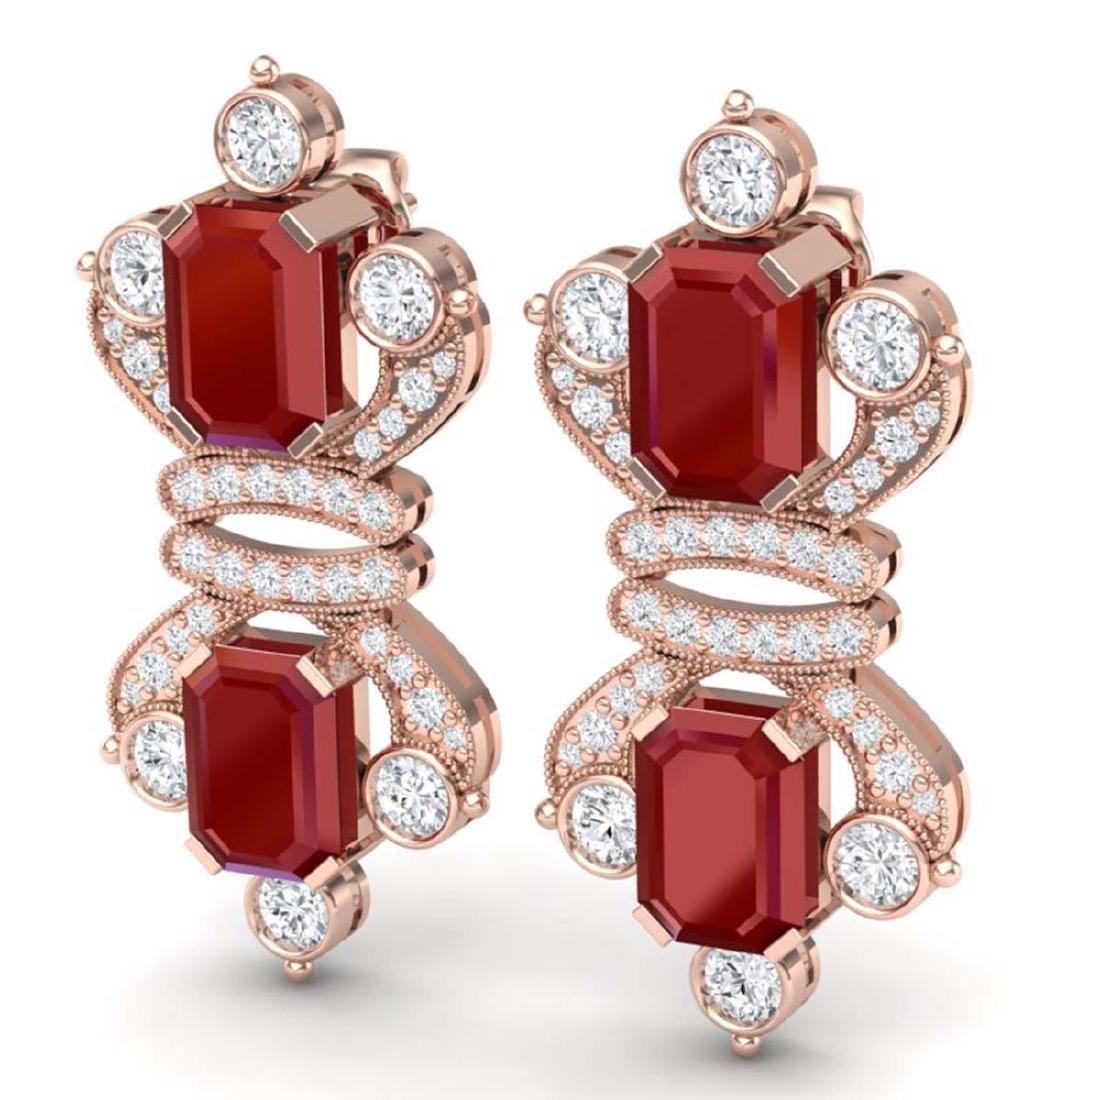 27.36 CTW Royalty Designer Ruby & VS Diamond Earrings - 2